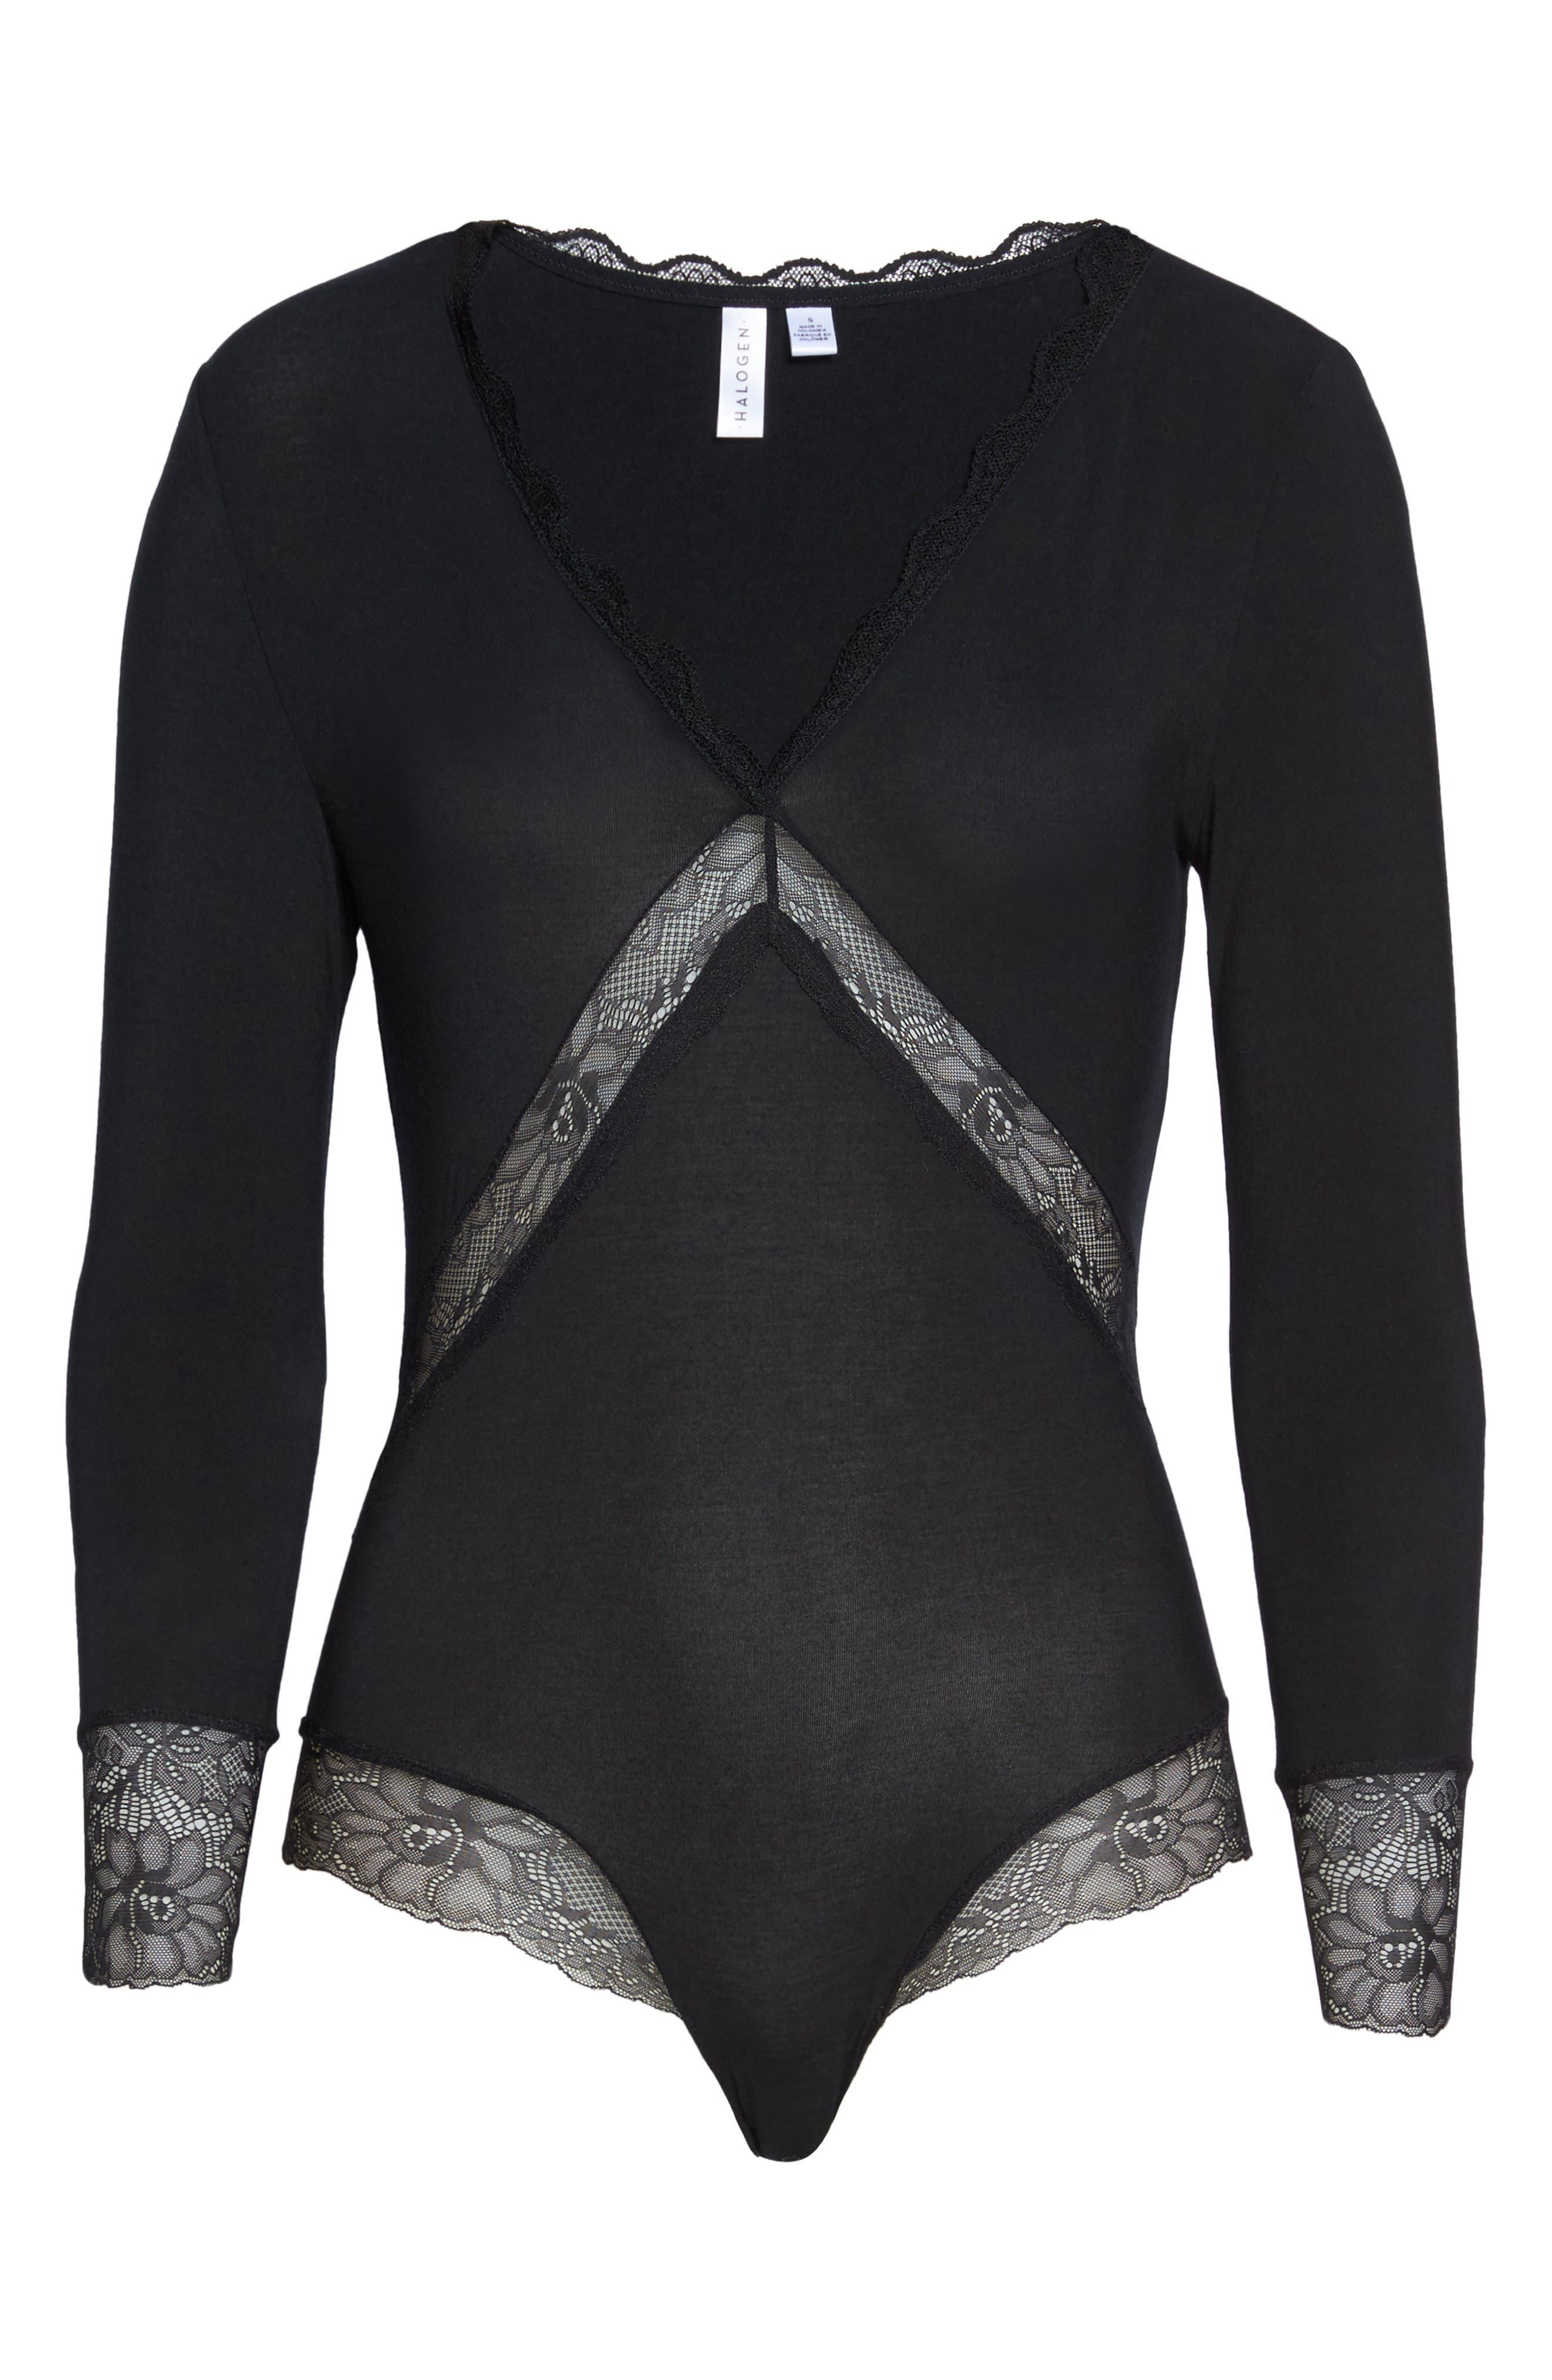 Giselle Lace Bodysuit,                             Alternate thumbnail 6, color,                             001